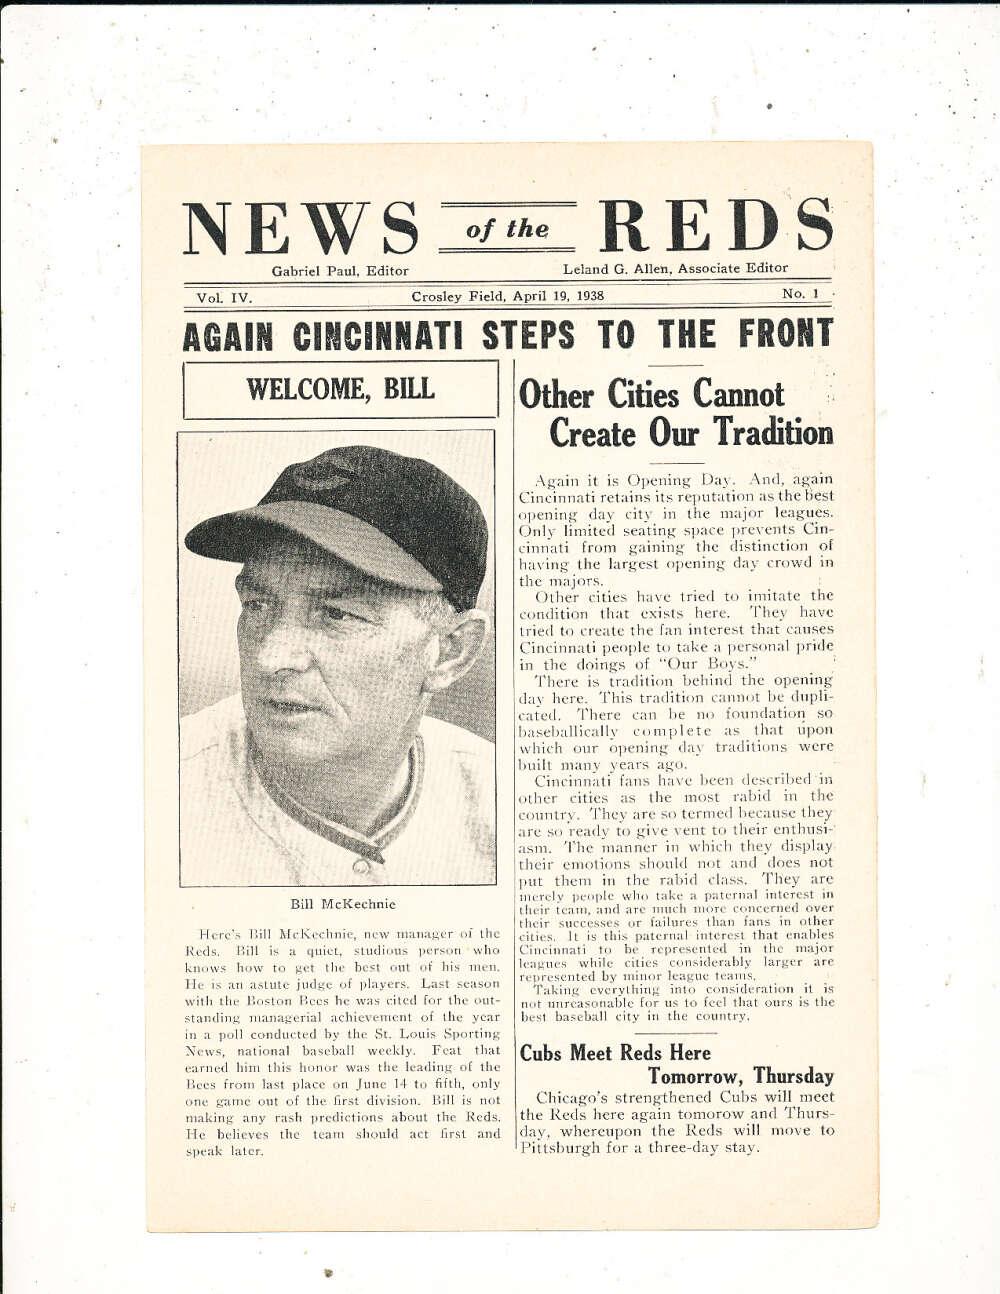 4/19 1938 News of the Reds Newsletter vol IV #1 Bill McKechnie